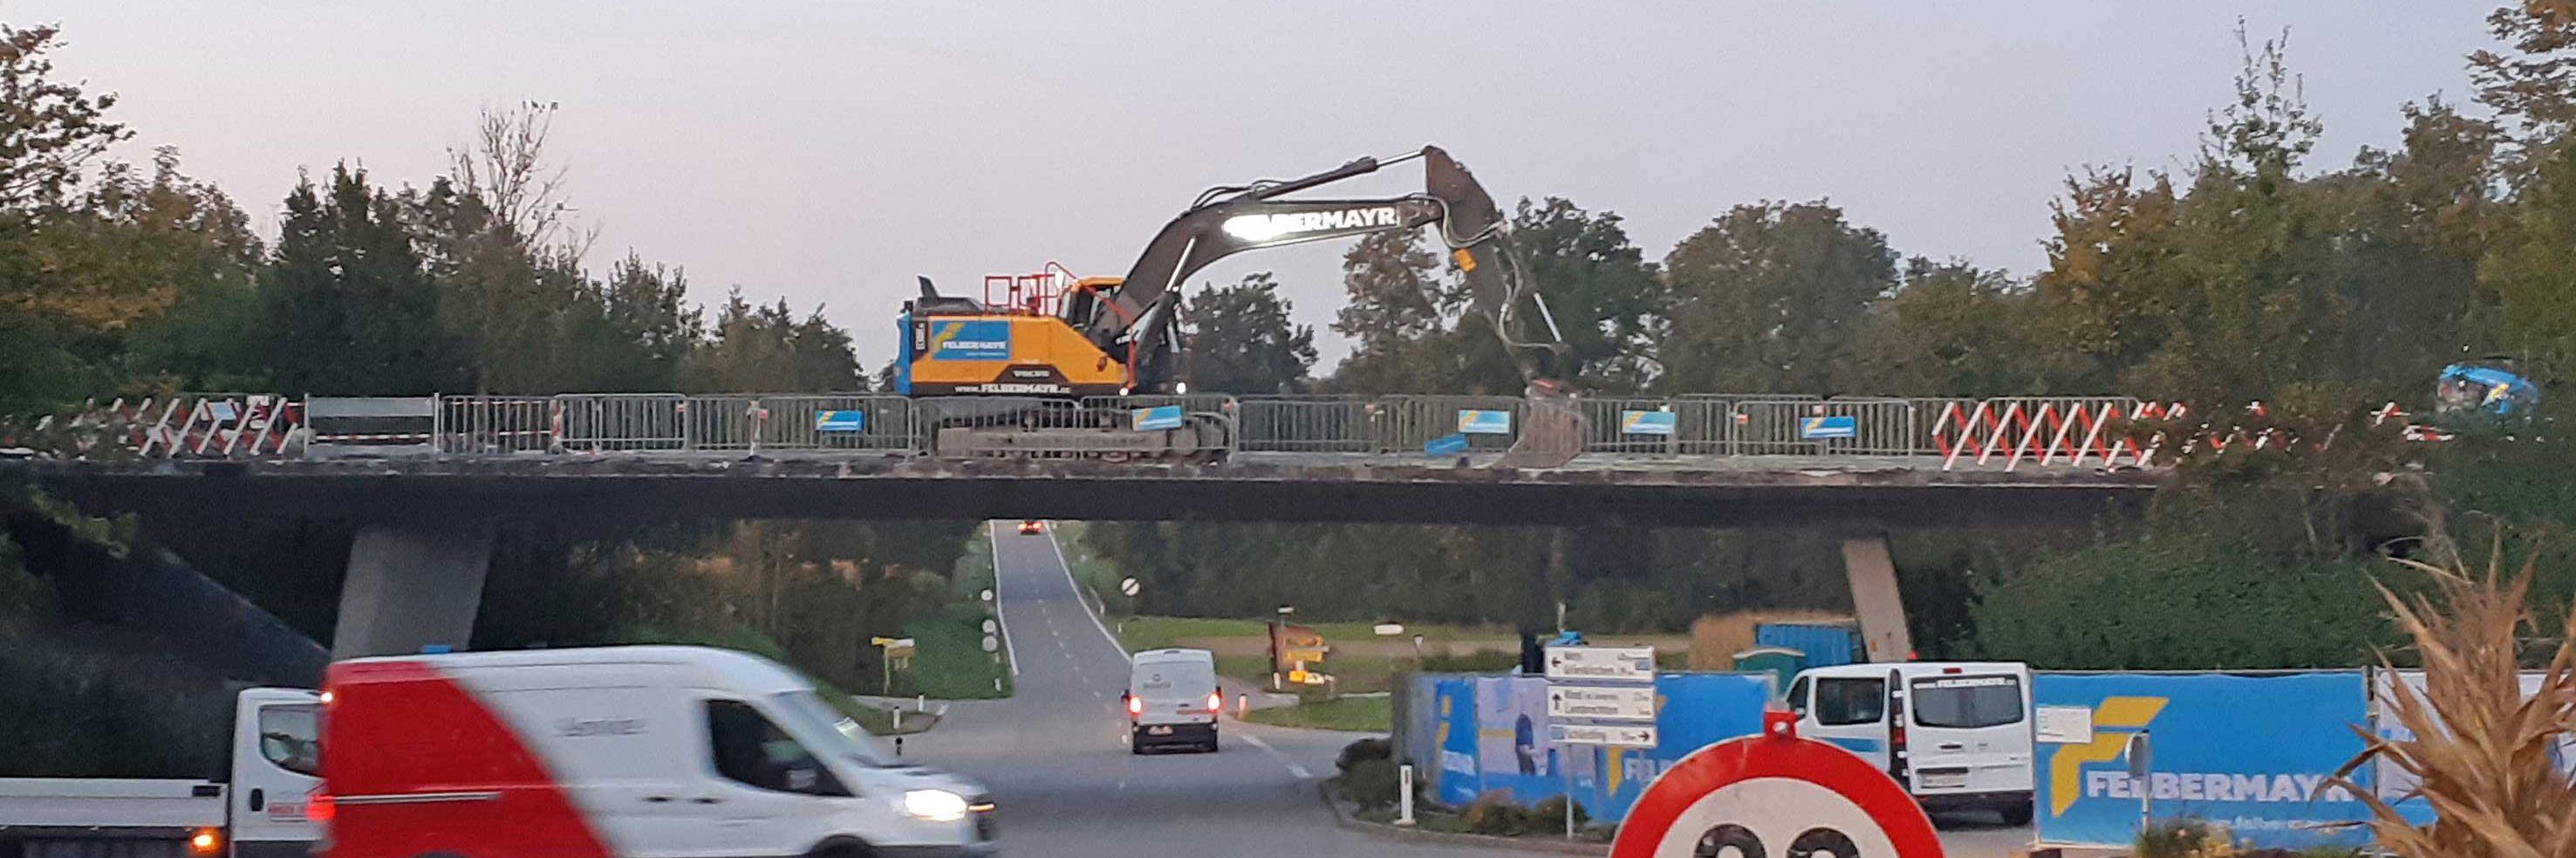 Felbermayr-Ingenieurtiefbau für Brückensanierung Slider